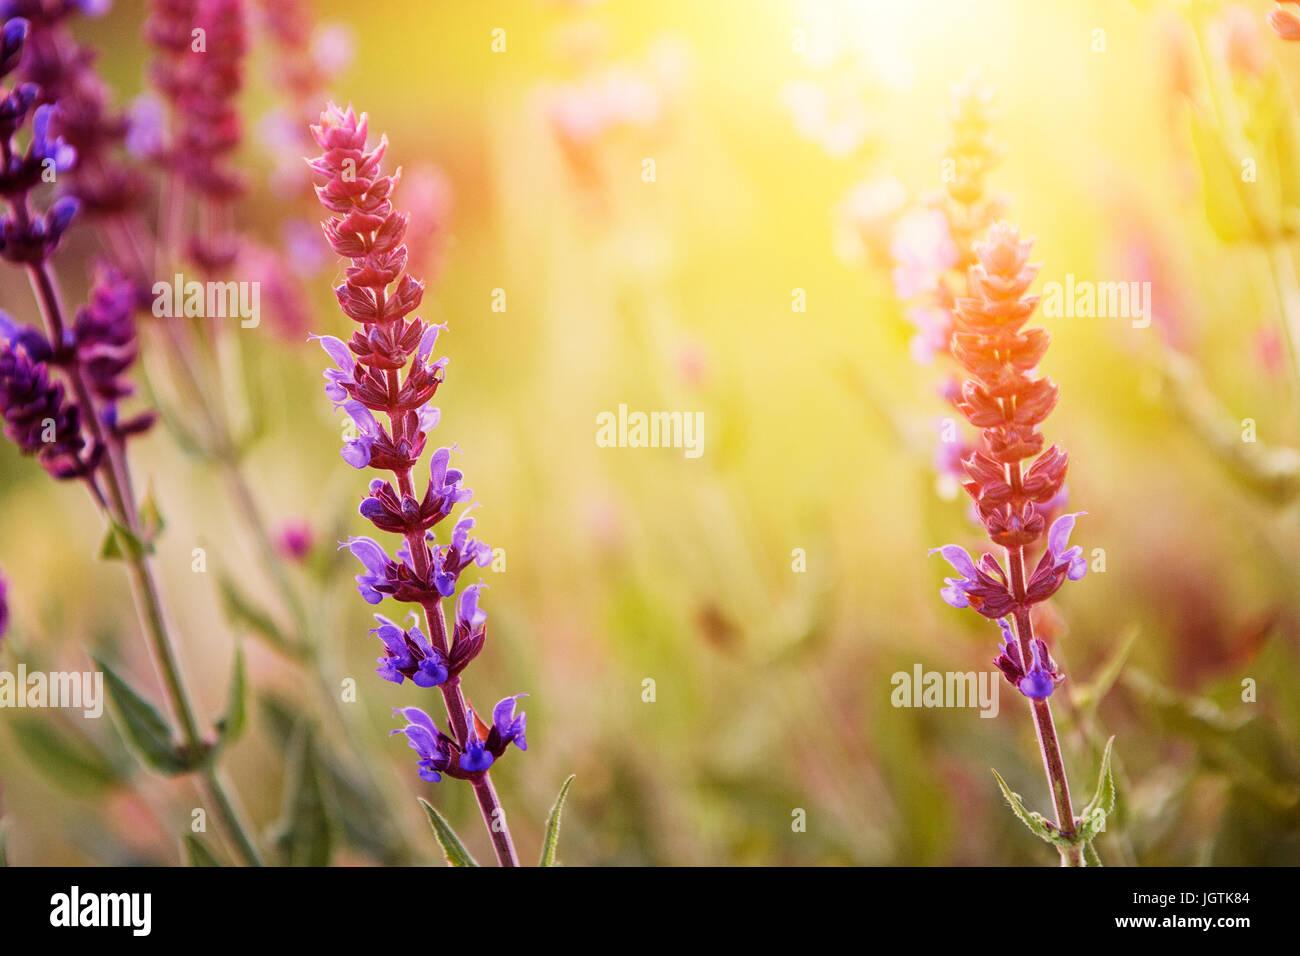 Lavender flower in sunset - Stock Image